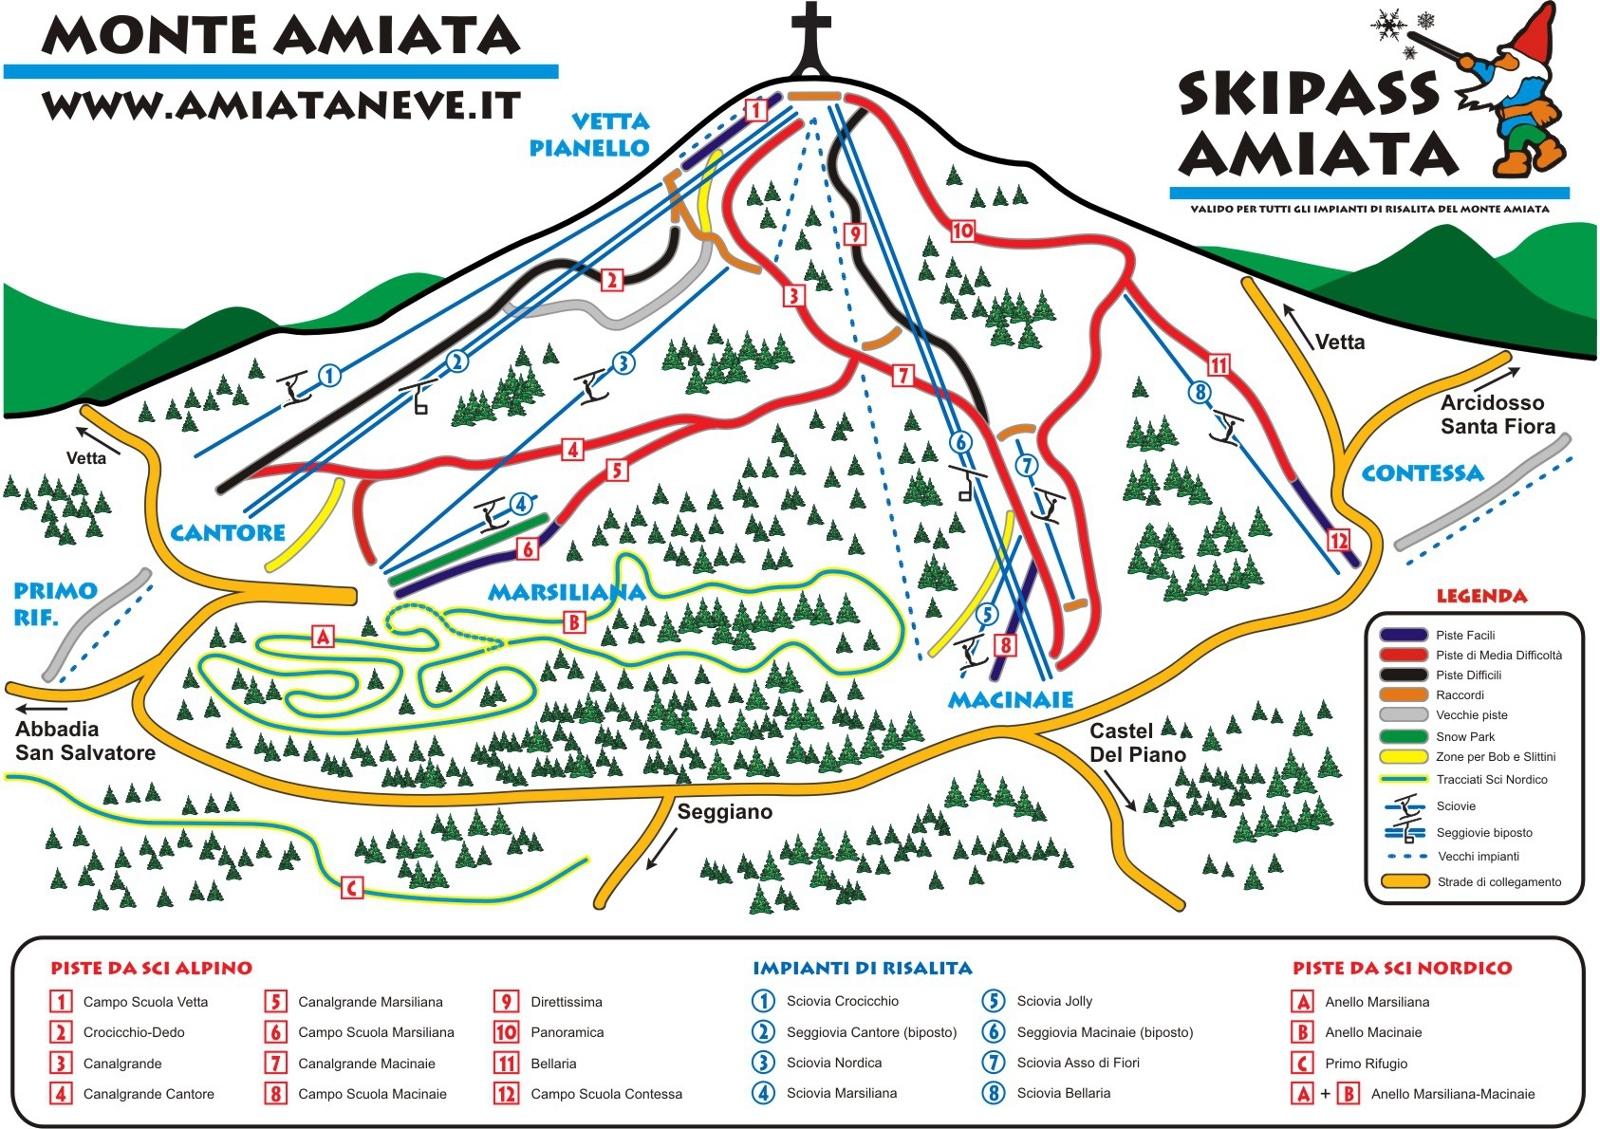 Monte Amiata Piste / Trail Map